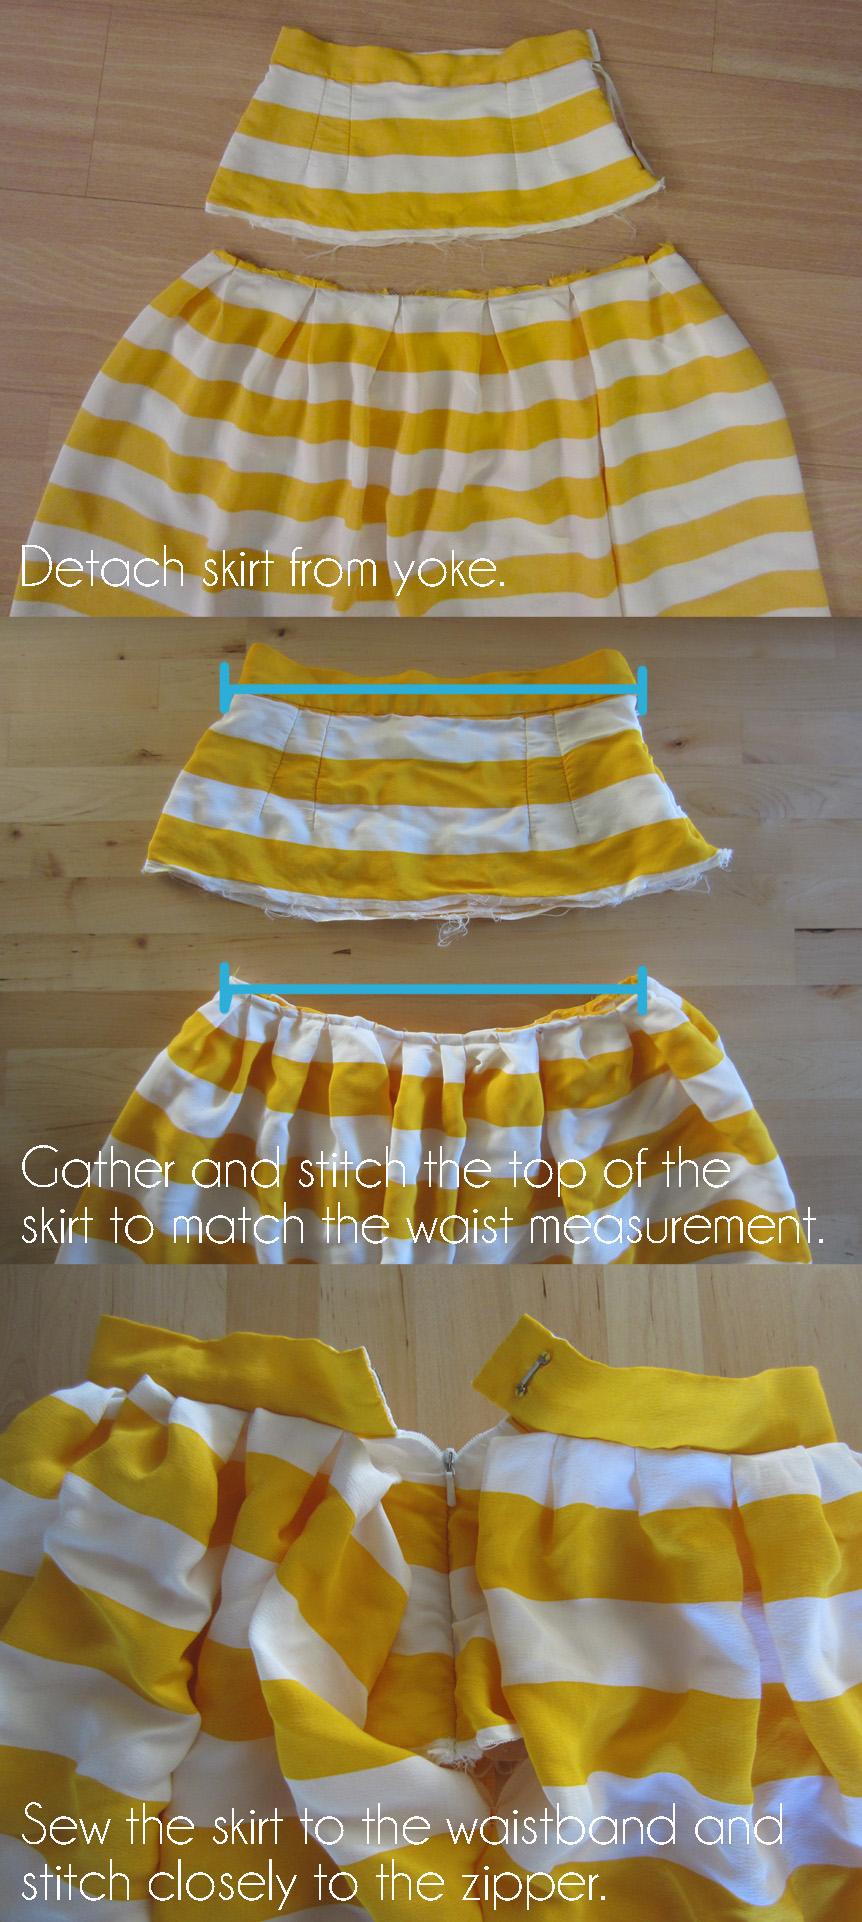 Alter a skirt